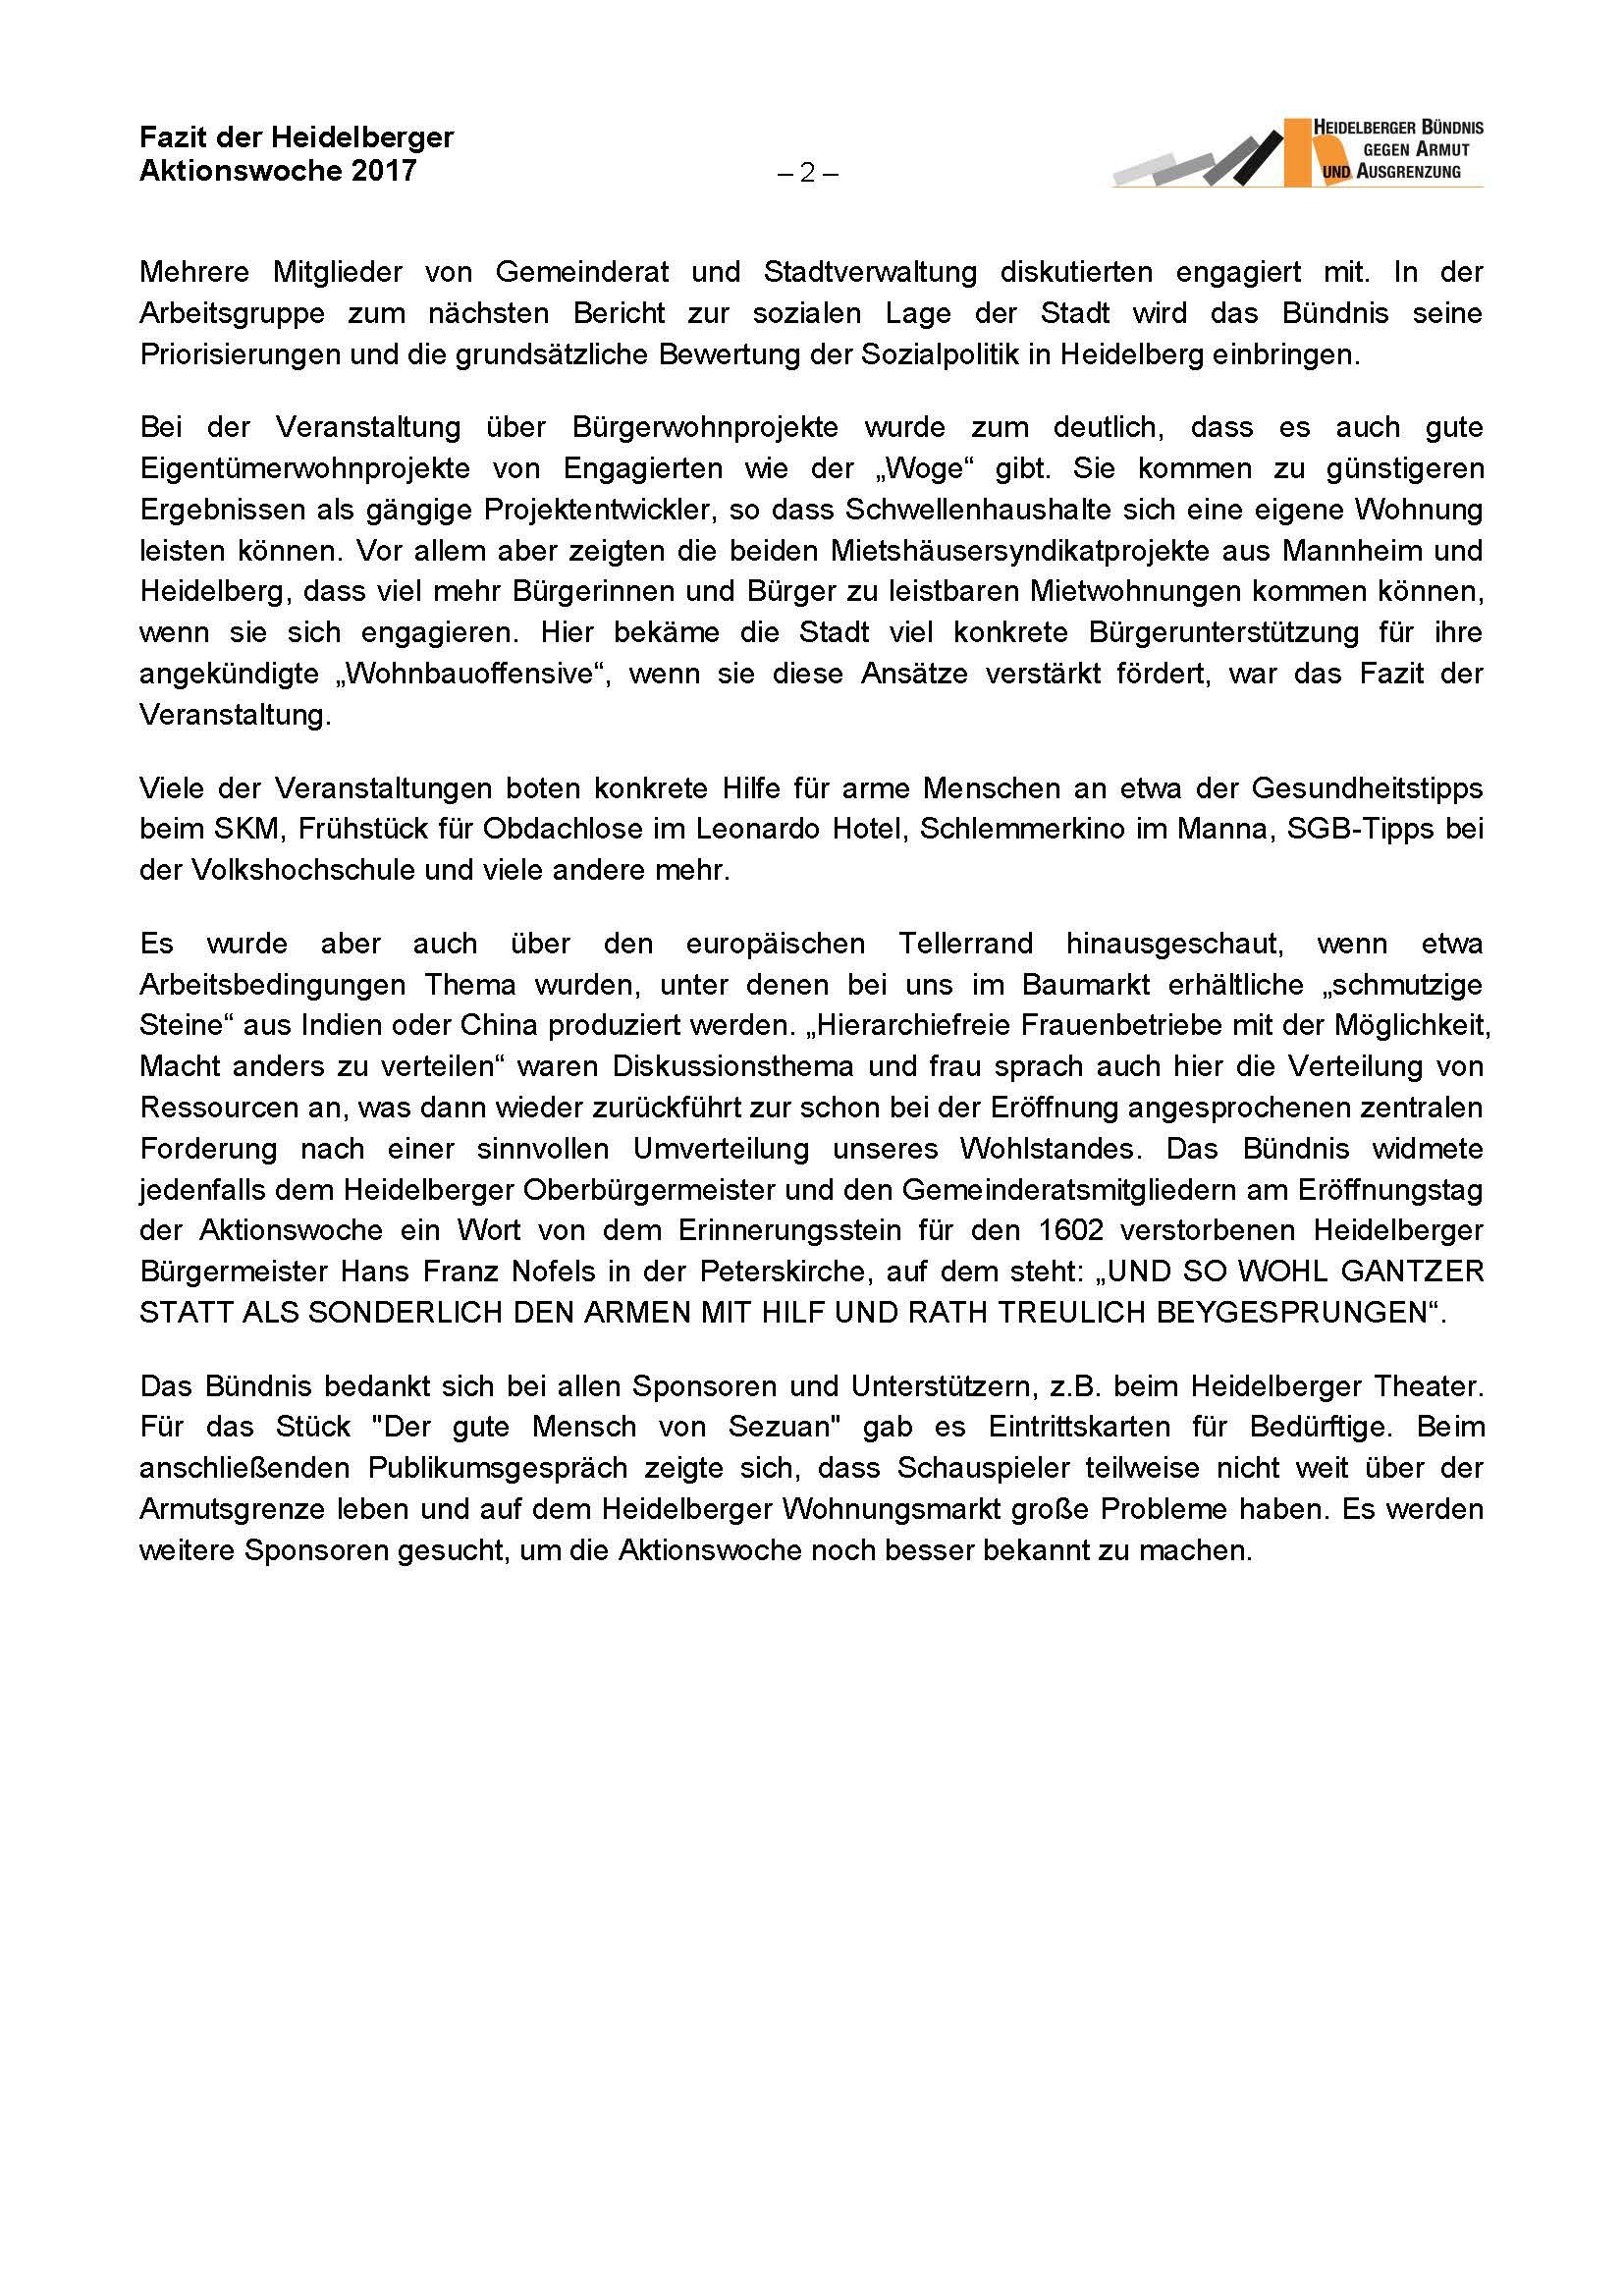 Fazit Vom Heidelberger Bündnis Zur Aktionswoche Armut 2017 Obdach